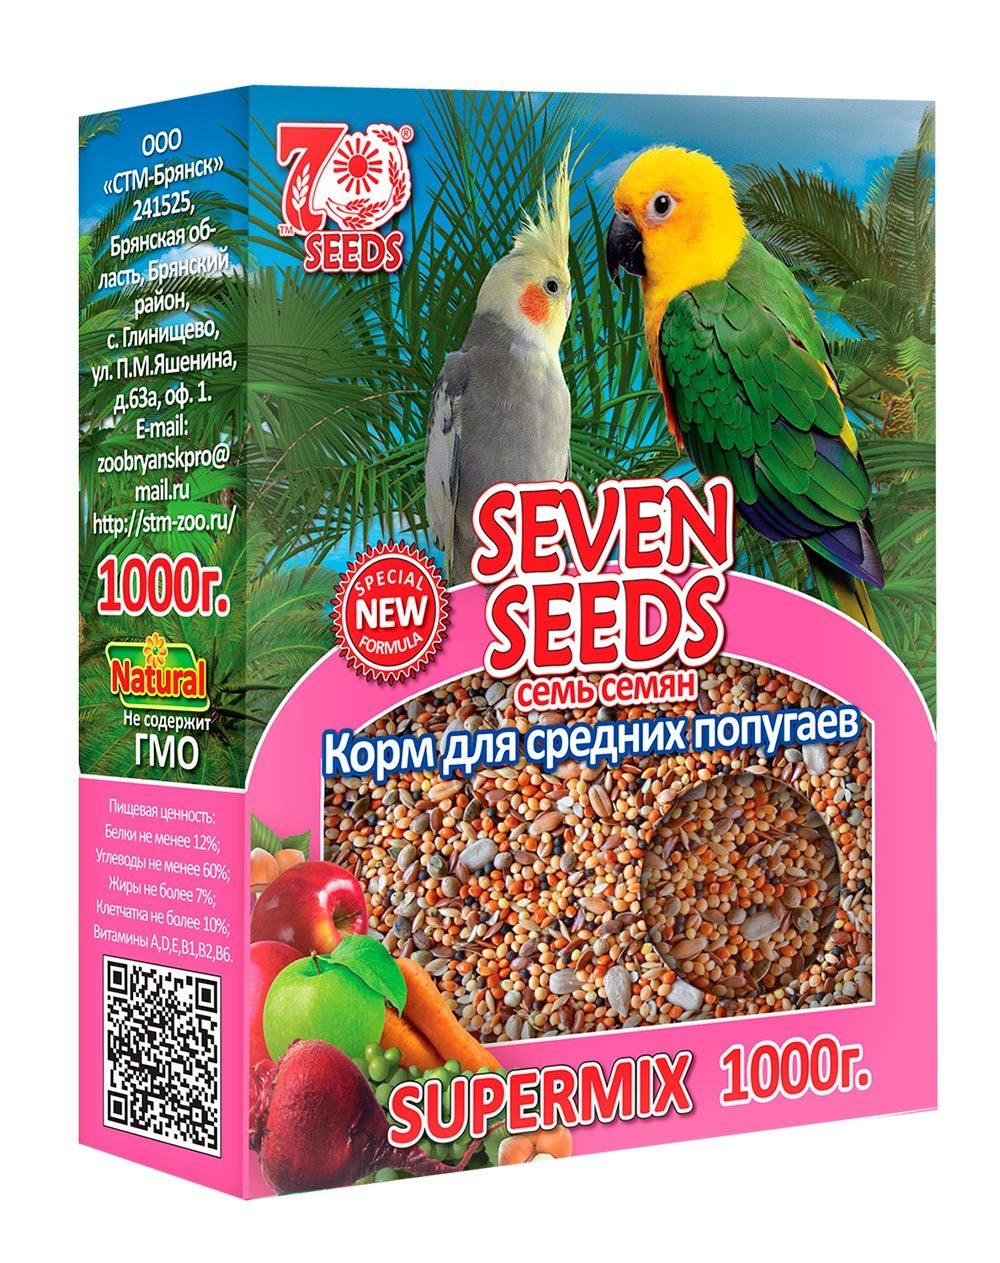 Корм Корм для средних попугаев Seven Seeds Supermix pop_sred.jpg